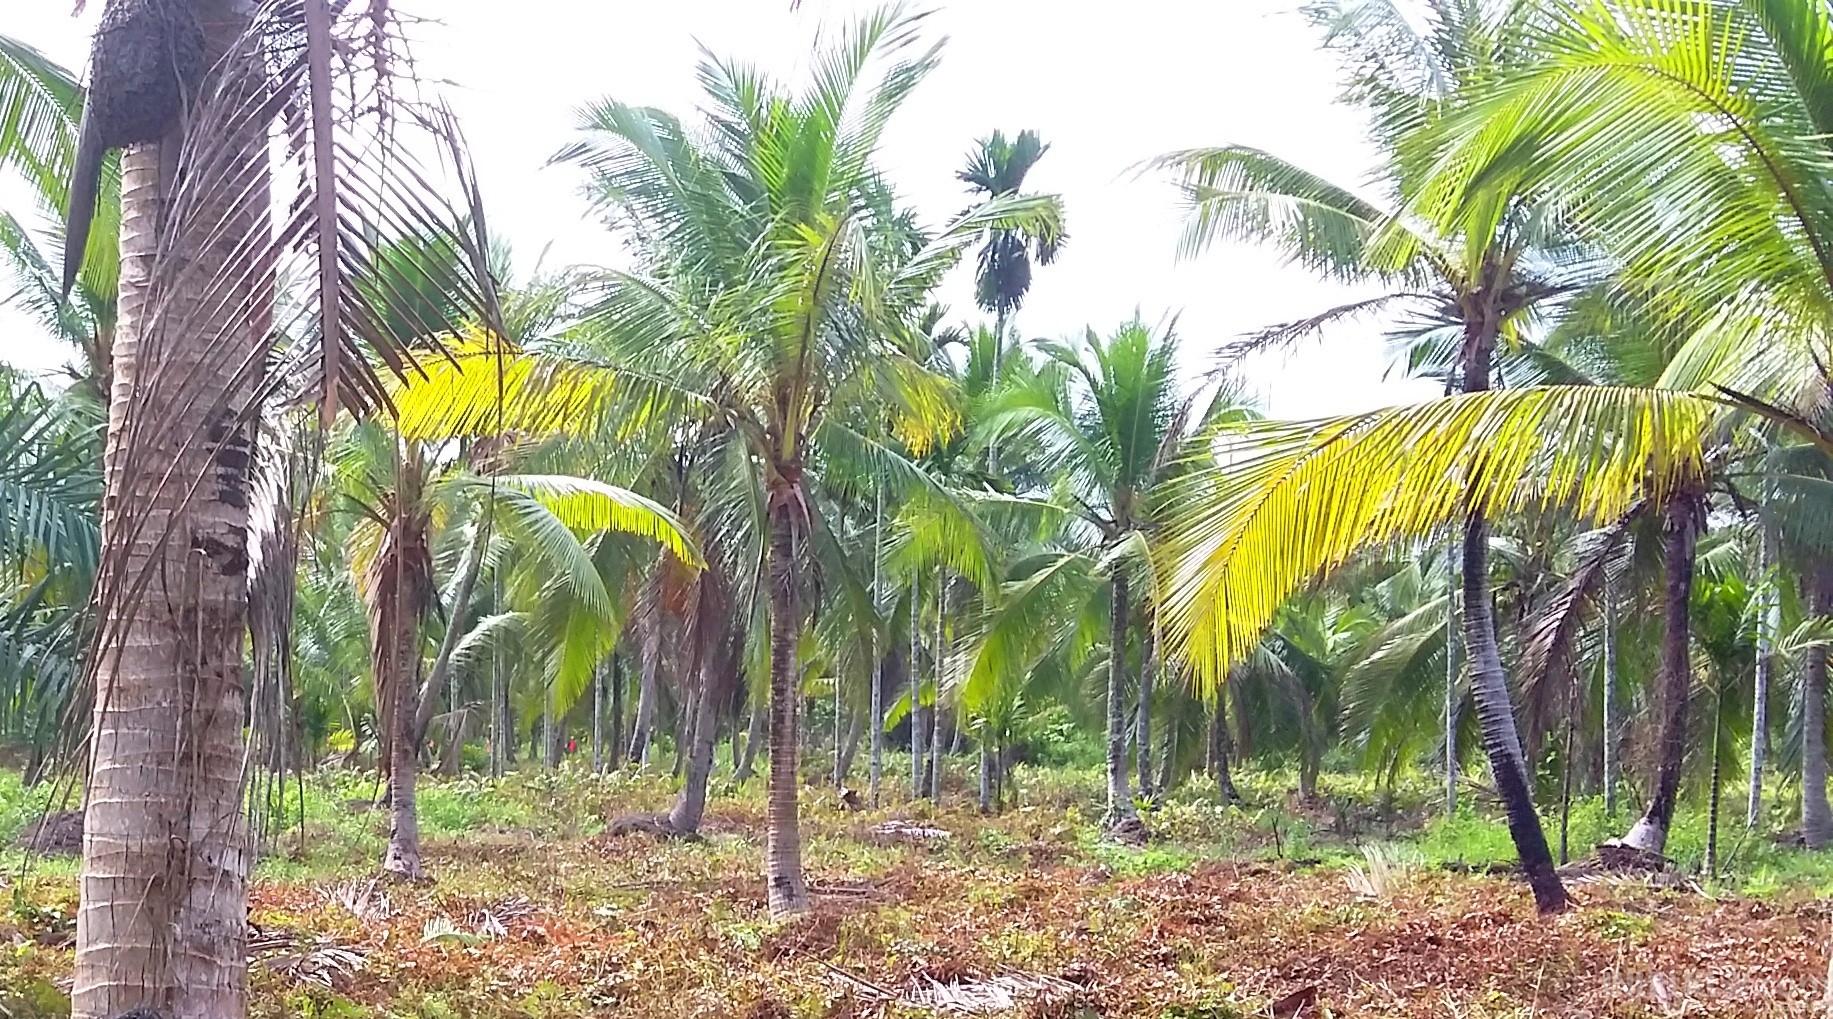 Ratusan Hektar Kebun Kelapa Rusak, Pemda Inhil Akan Bangun 400 KM Tanggul